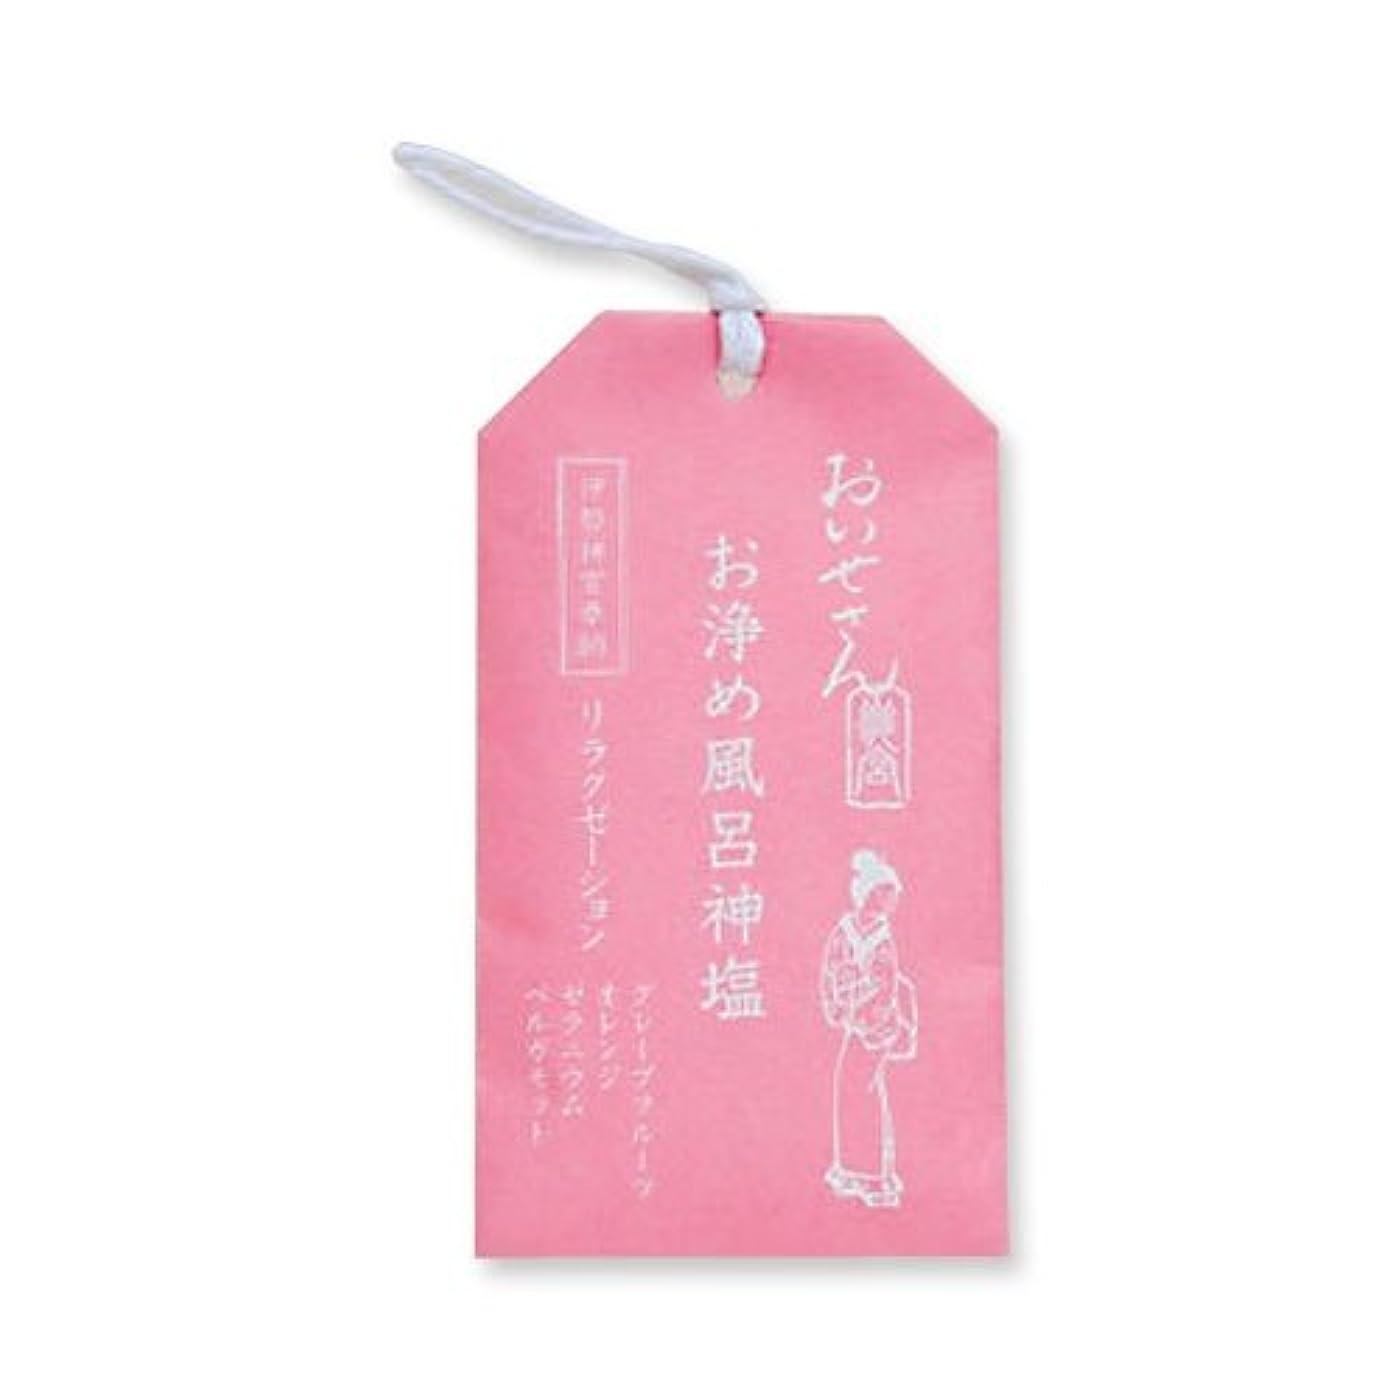 シエスタ条約同志おいせさん お浄め風呂神塩 バス用ソルト(リラクゼーション) 20g